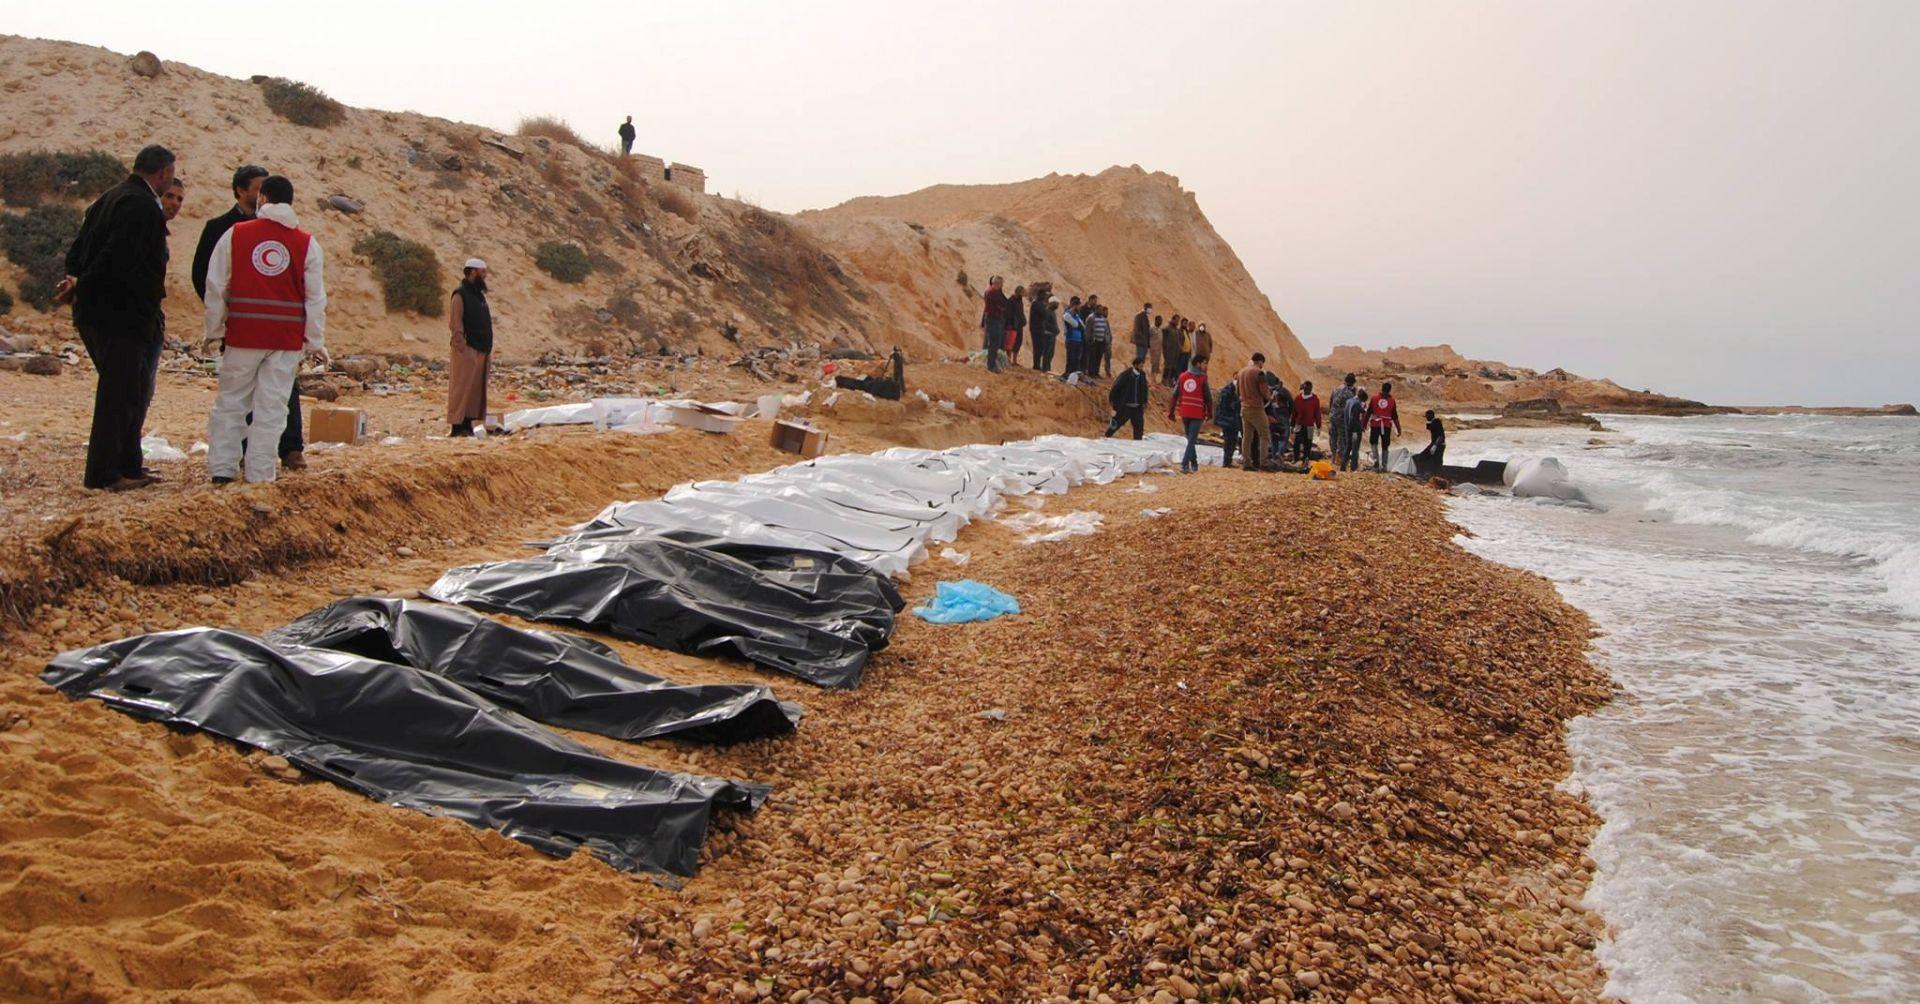 PRONAĐENA TIJELA: Umrlo 27 migranata u zapadnoj Libiji, 13 u kontejneru za prijevoz